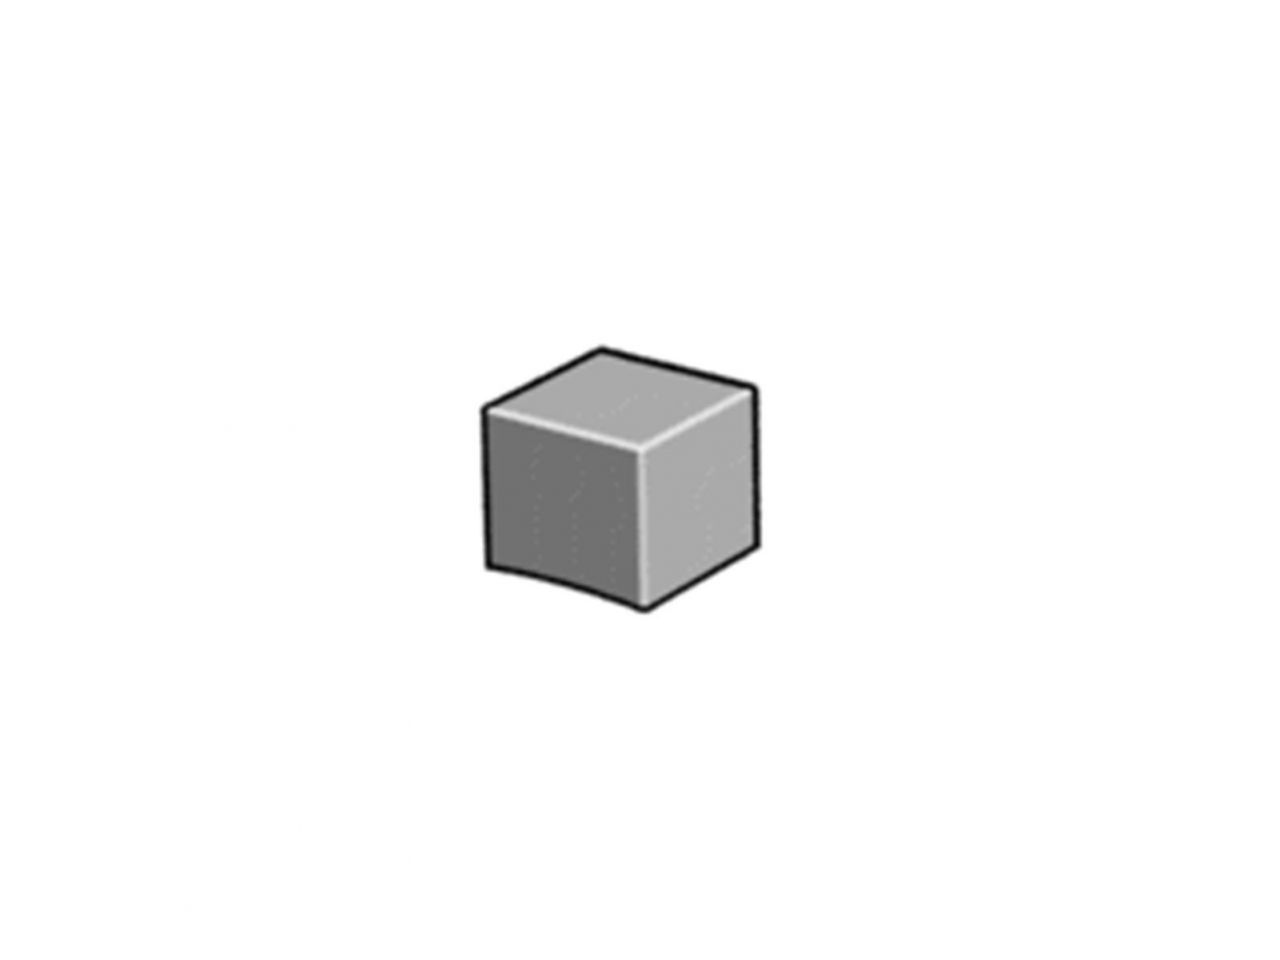 Mikromodell tartálykocsi dómfedél (1:87)